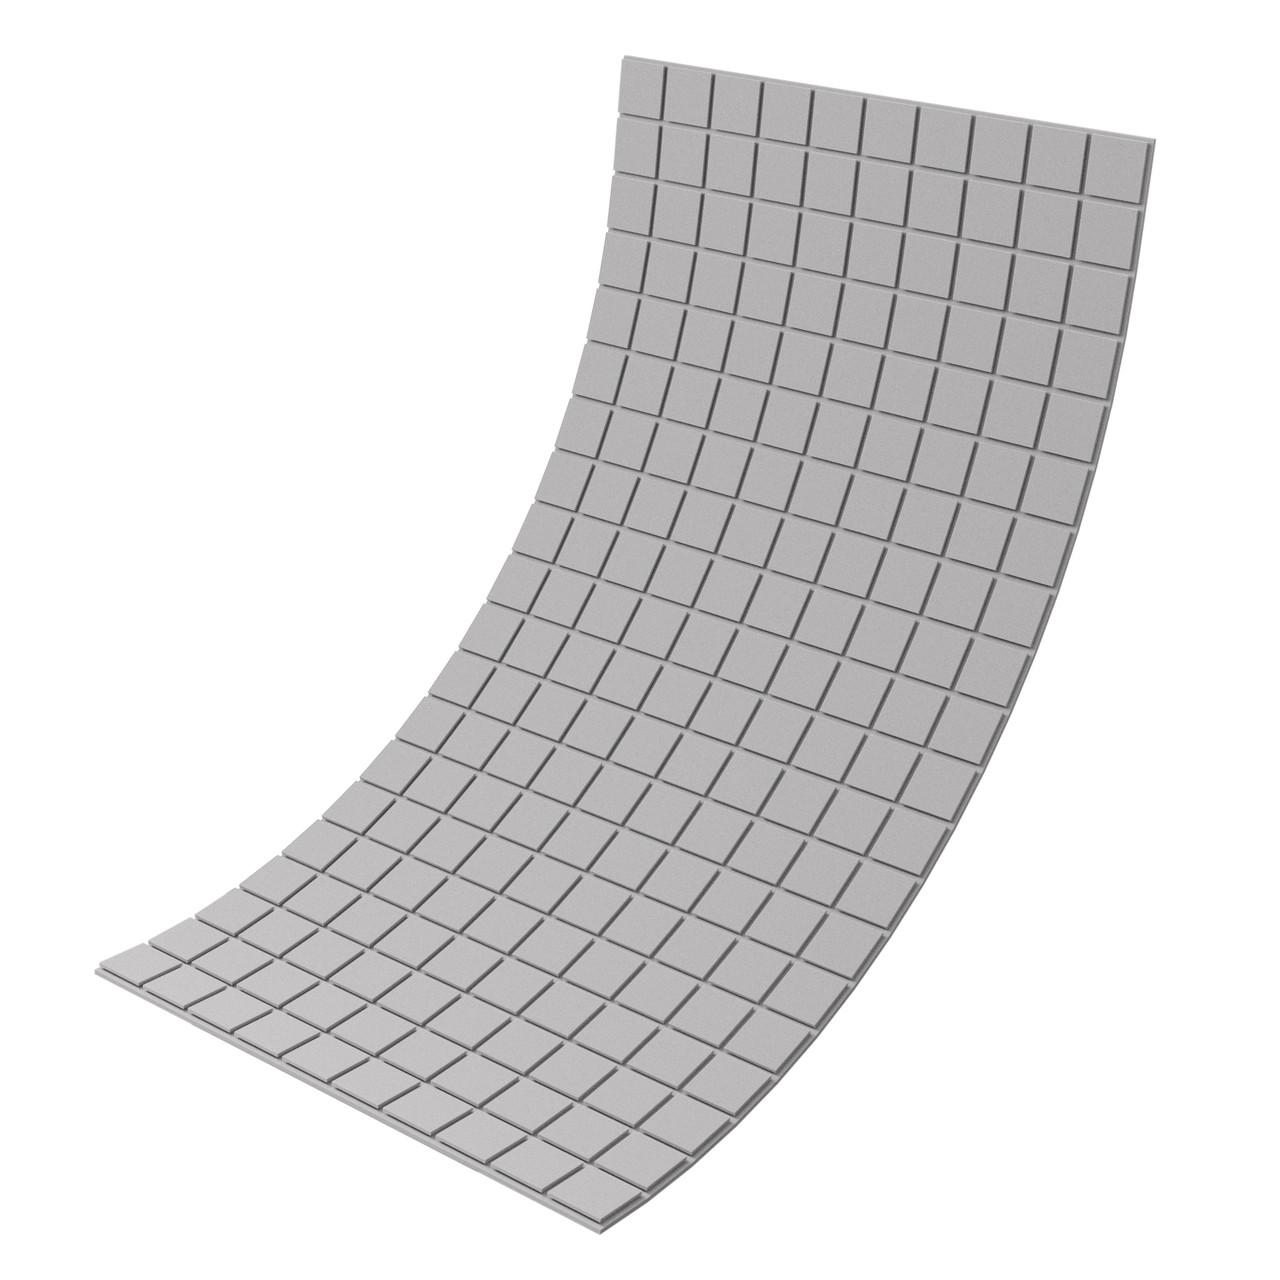 Панель з акустичного поролону Ecosound Tetras Gray 100x200 см, 20 мм, сірий